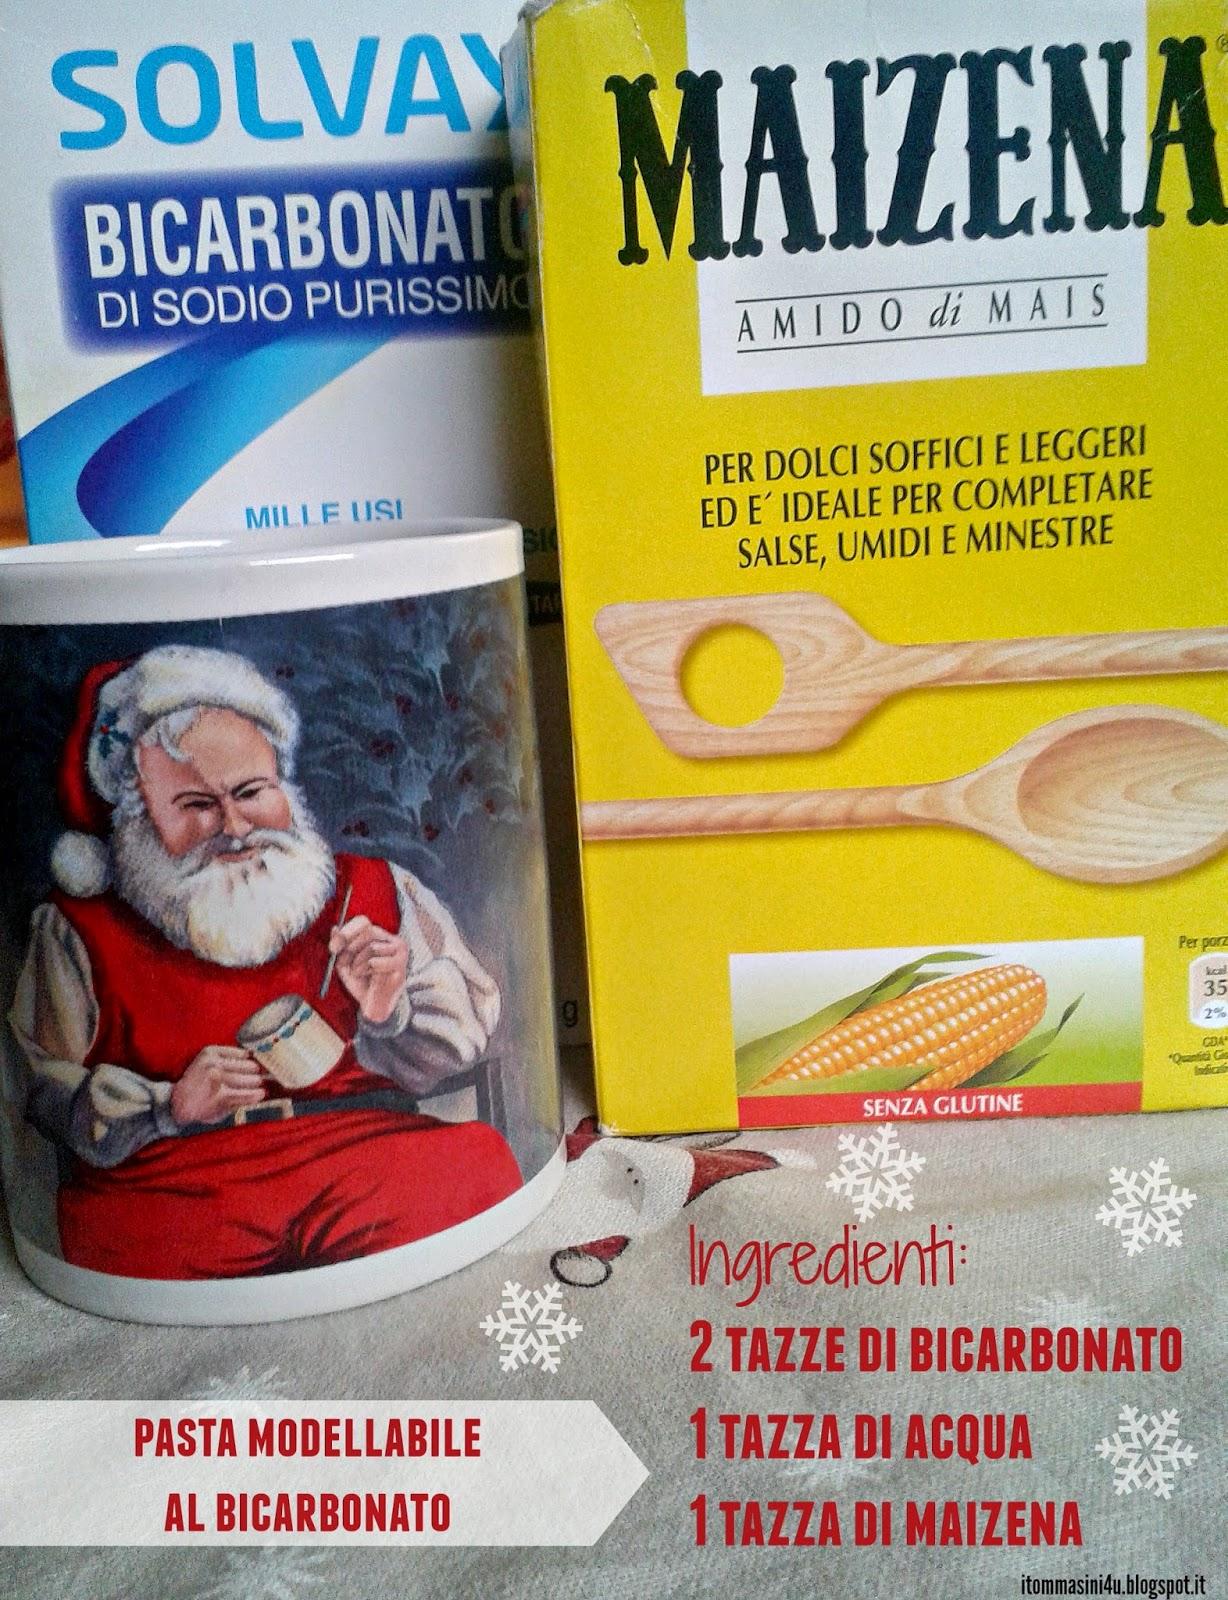 Molto Pasta modellabile al bicarbonato YV79